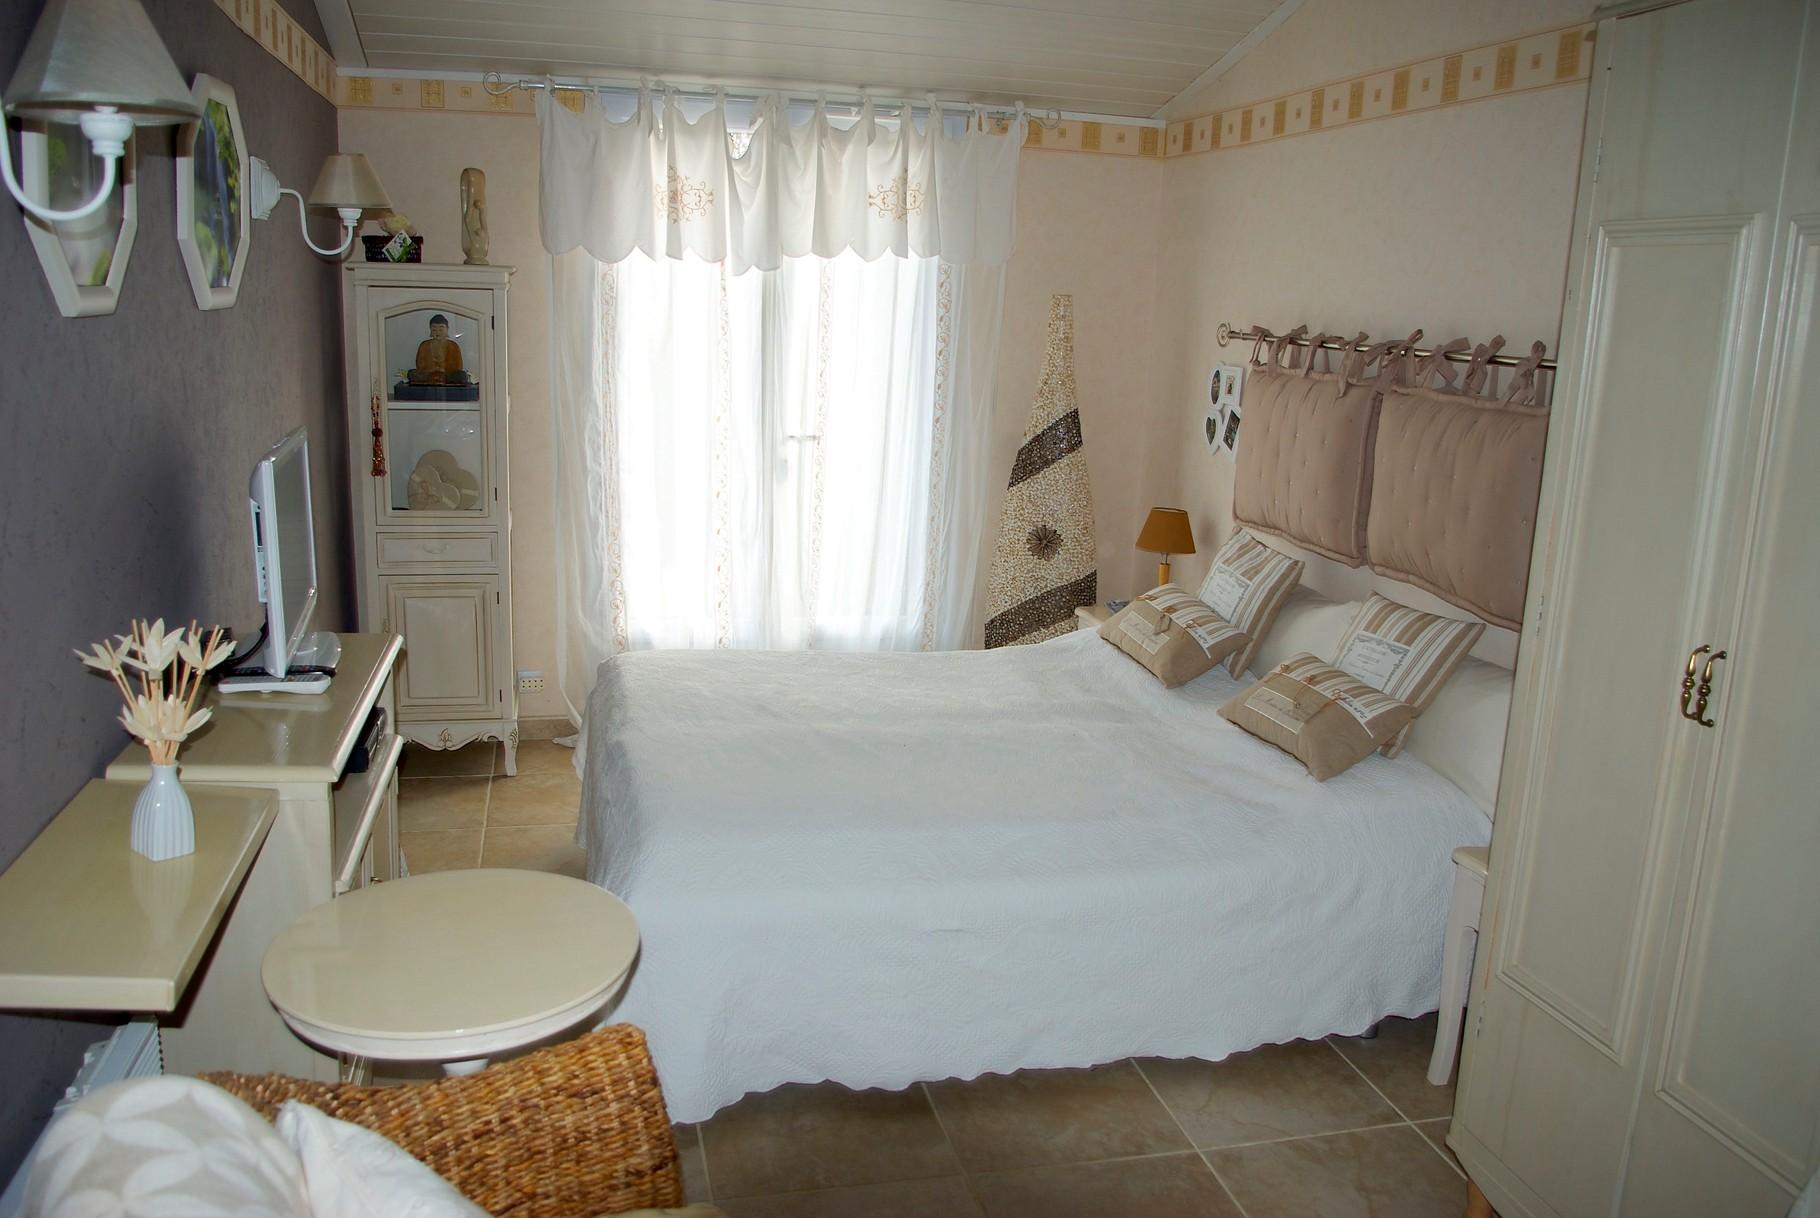 Gästezimmer mit französischem Bett